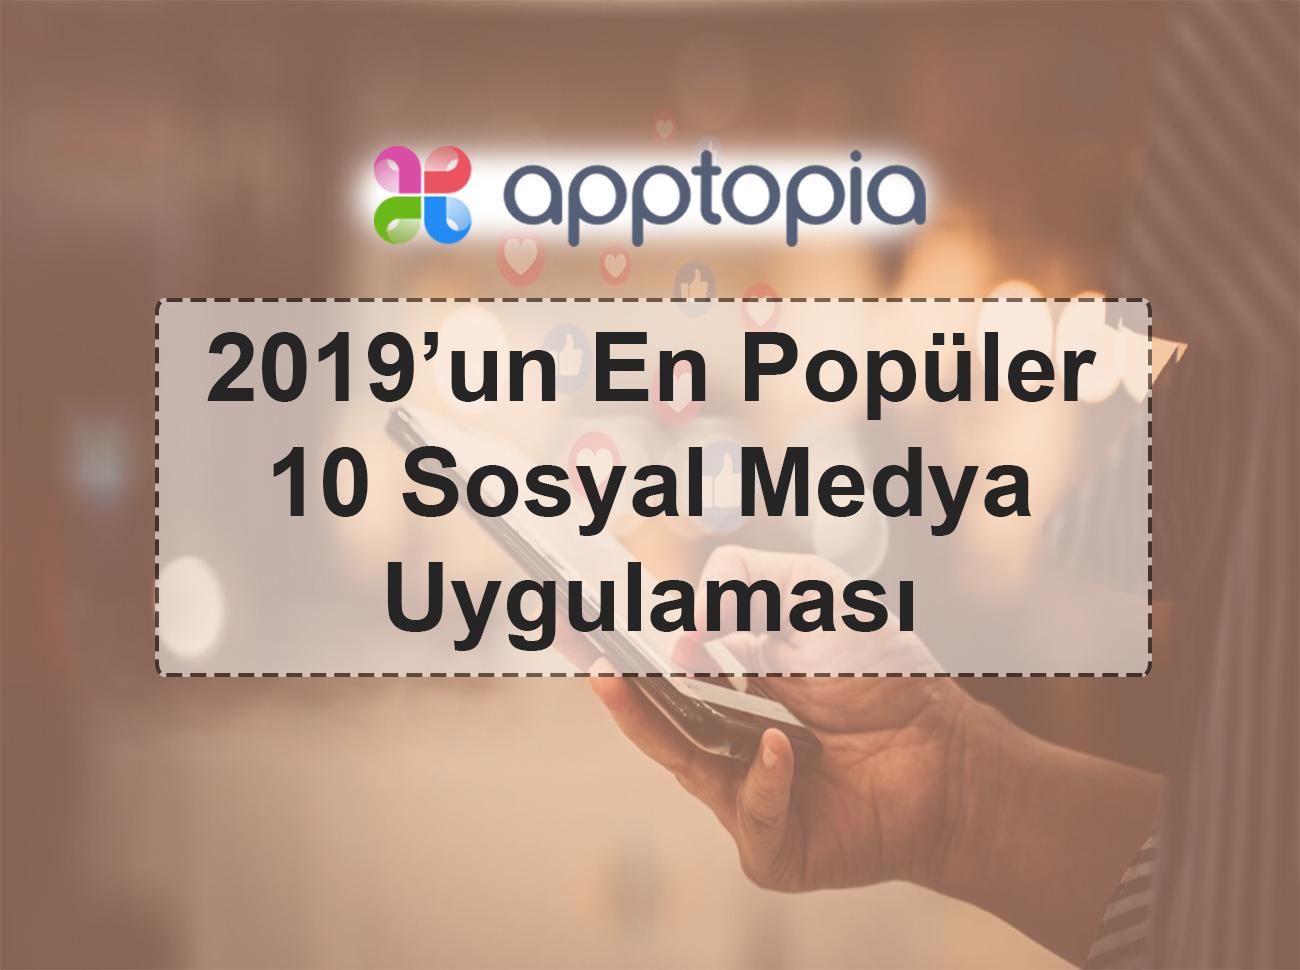 2019'un En Popüler 10 Sosyal Medya Uygulaması